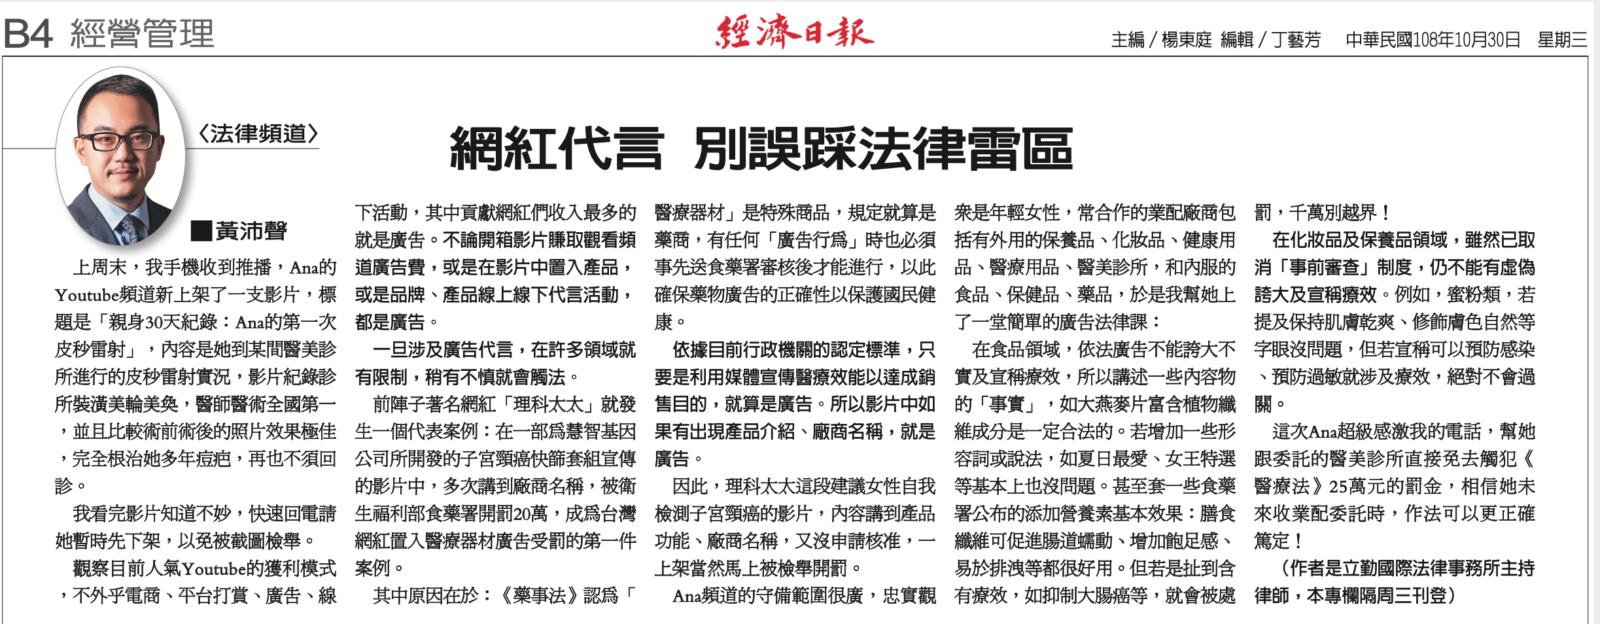 網紅經濟專欄(五):網紅代言 別誤踩法律雷區